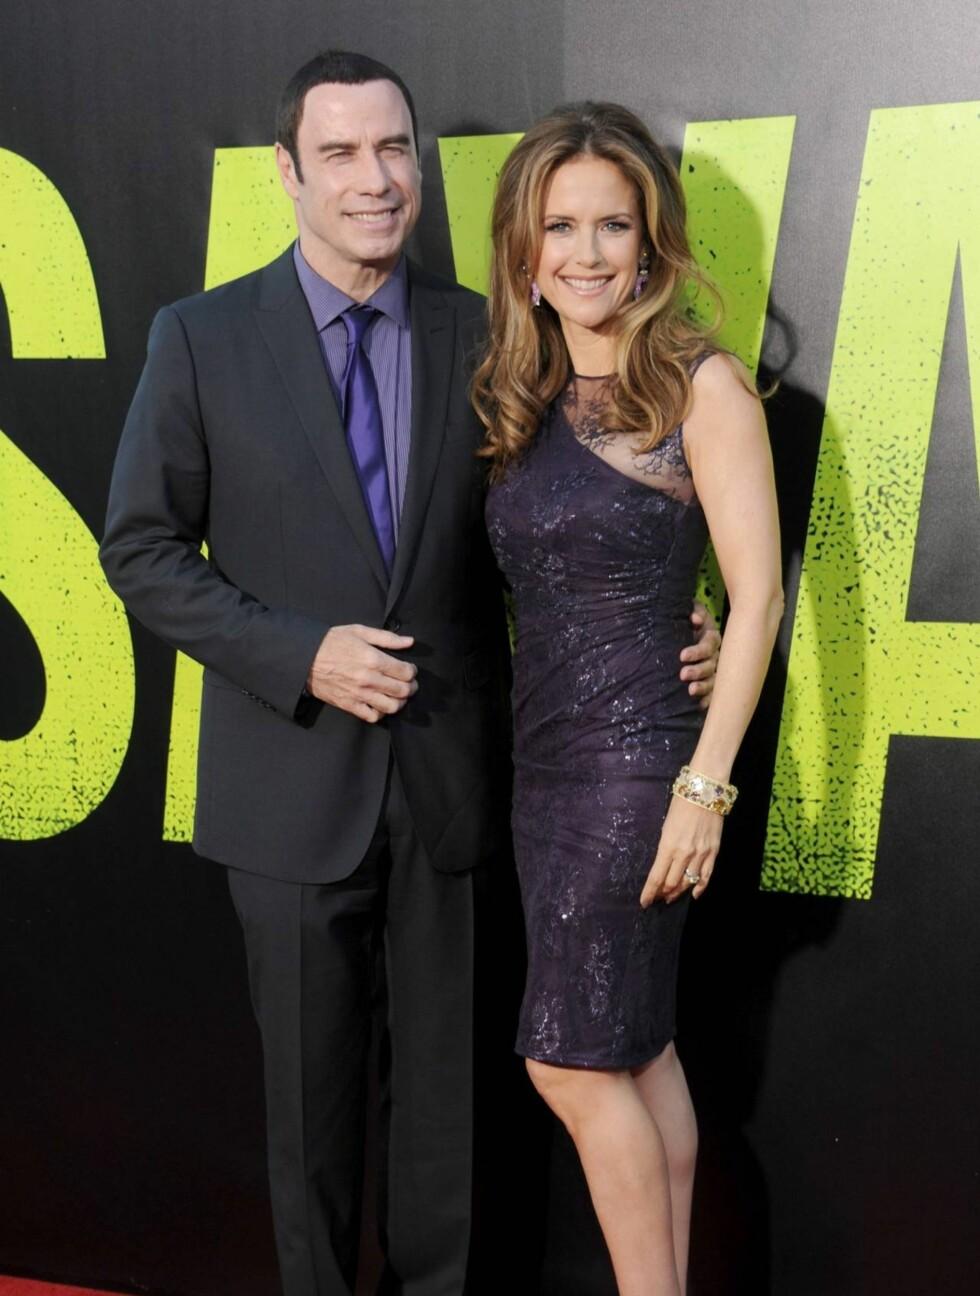 <strong>TILBAKE ETTER SKANDALEN:</strong> John Travolta har blitt anklaget for å ha seksuelt trakassert flere mannlige massører. På premieren la han problemene bak seg og koste seg med konen Kelly Preston.  Foto: All Over Press